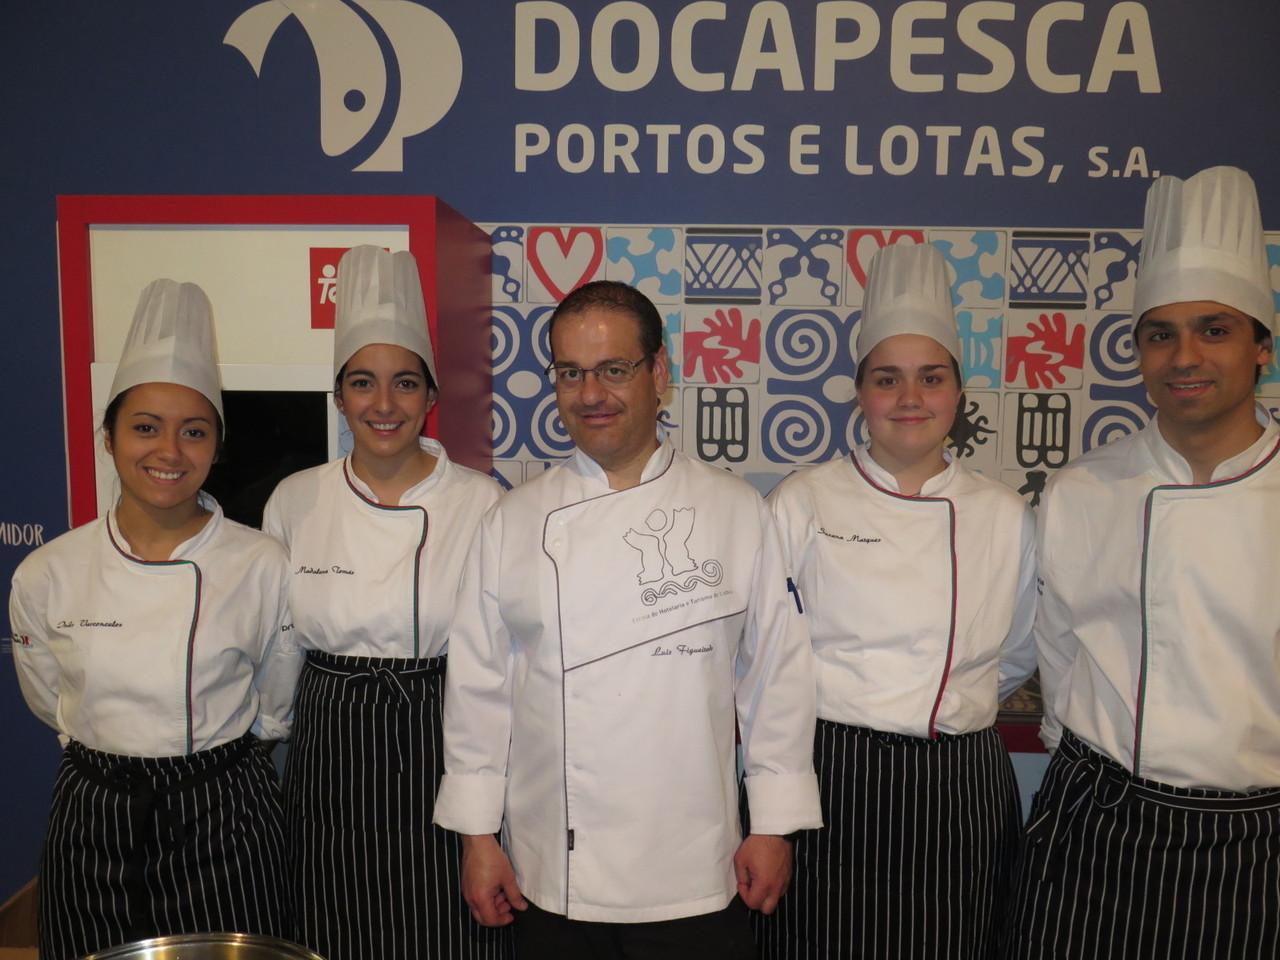 Cozinha DOCAPESCA